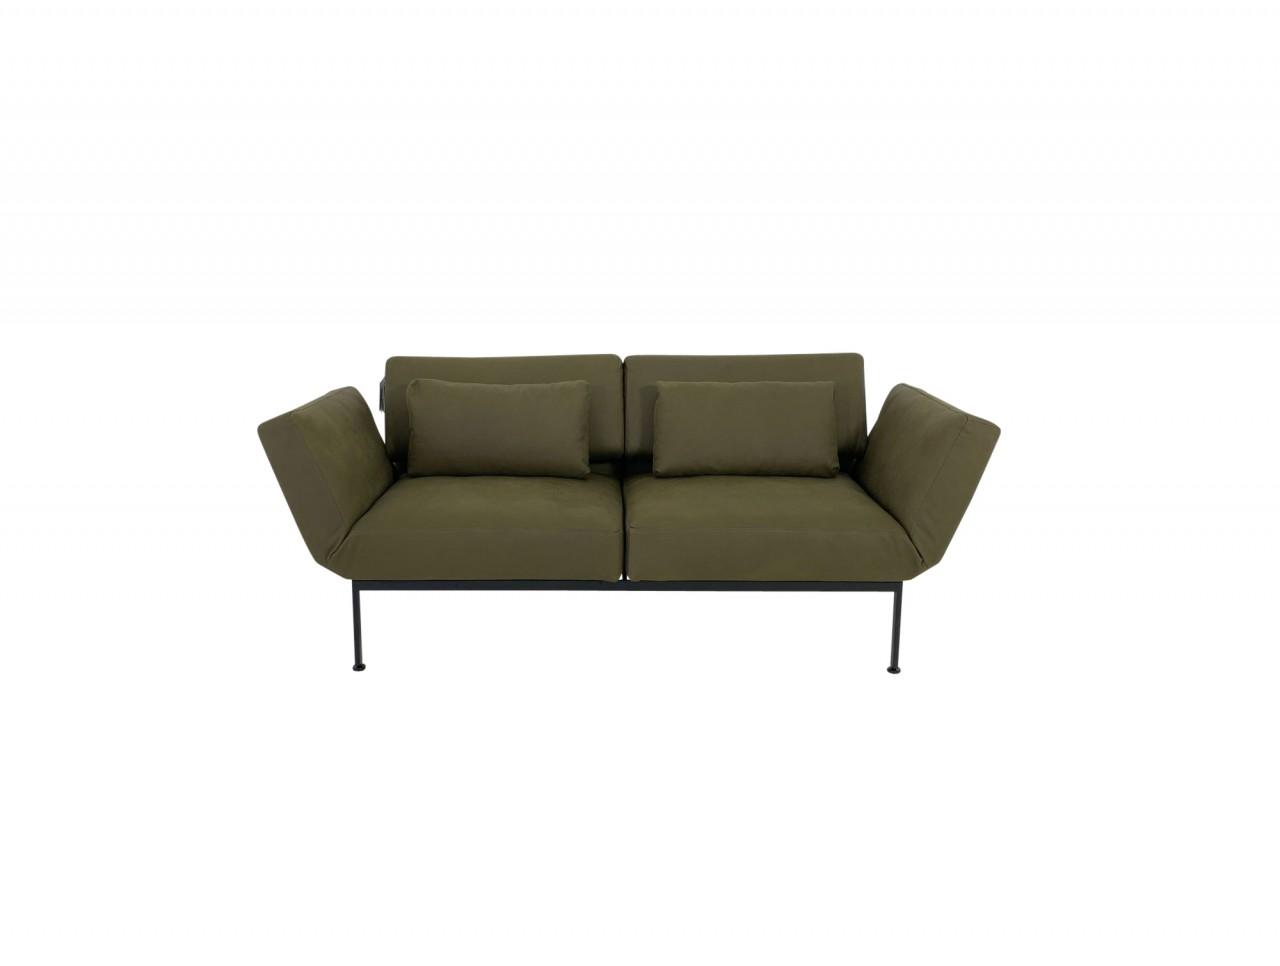 Brühl RORO/20 soft Sofa 2 mit weichen Sitzen in Leder Taron olive Gestell schwarz mit Rollen